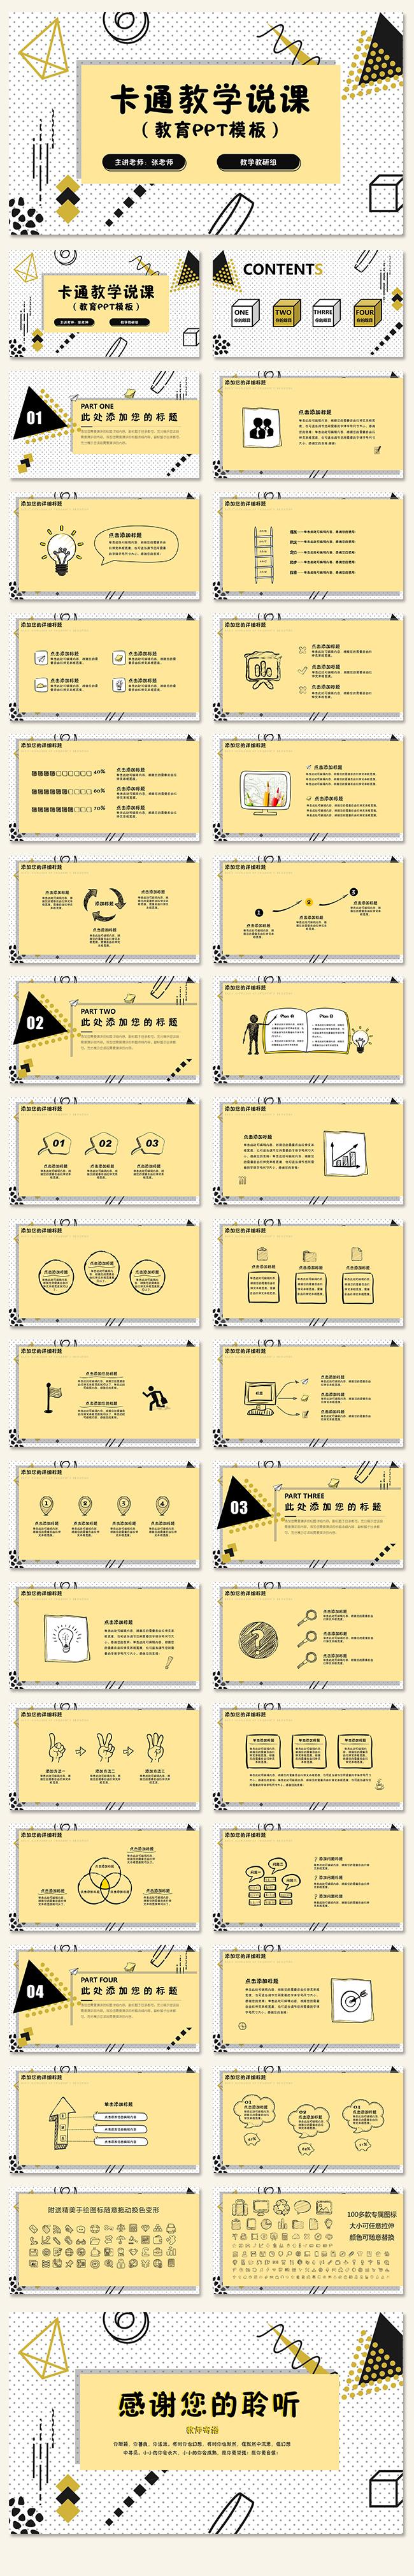 个性手绘卡通教学课件教学设计教师公开课说课幼儿园课件教育微课图片